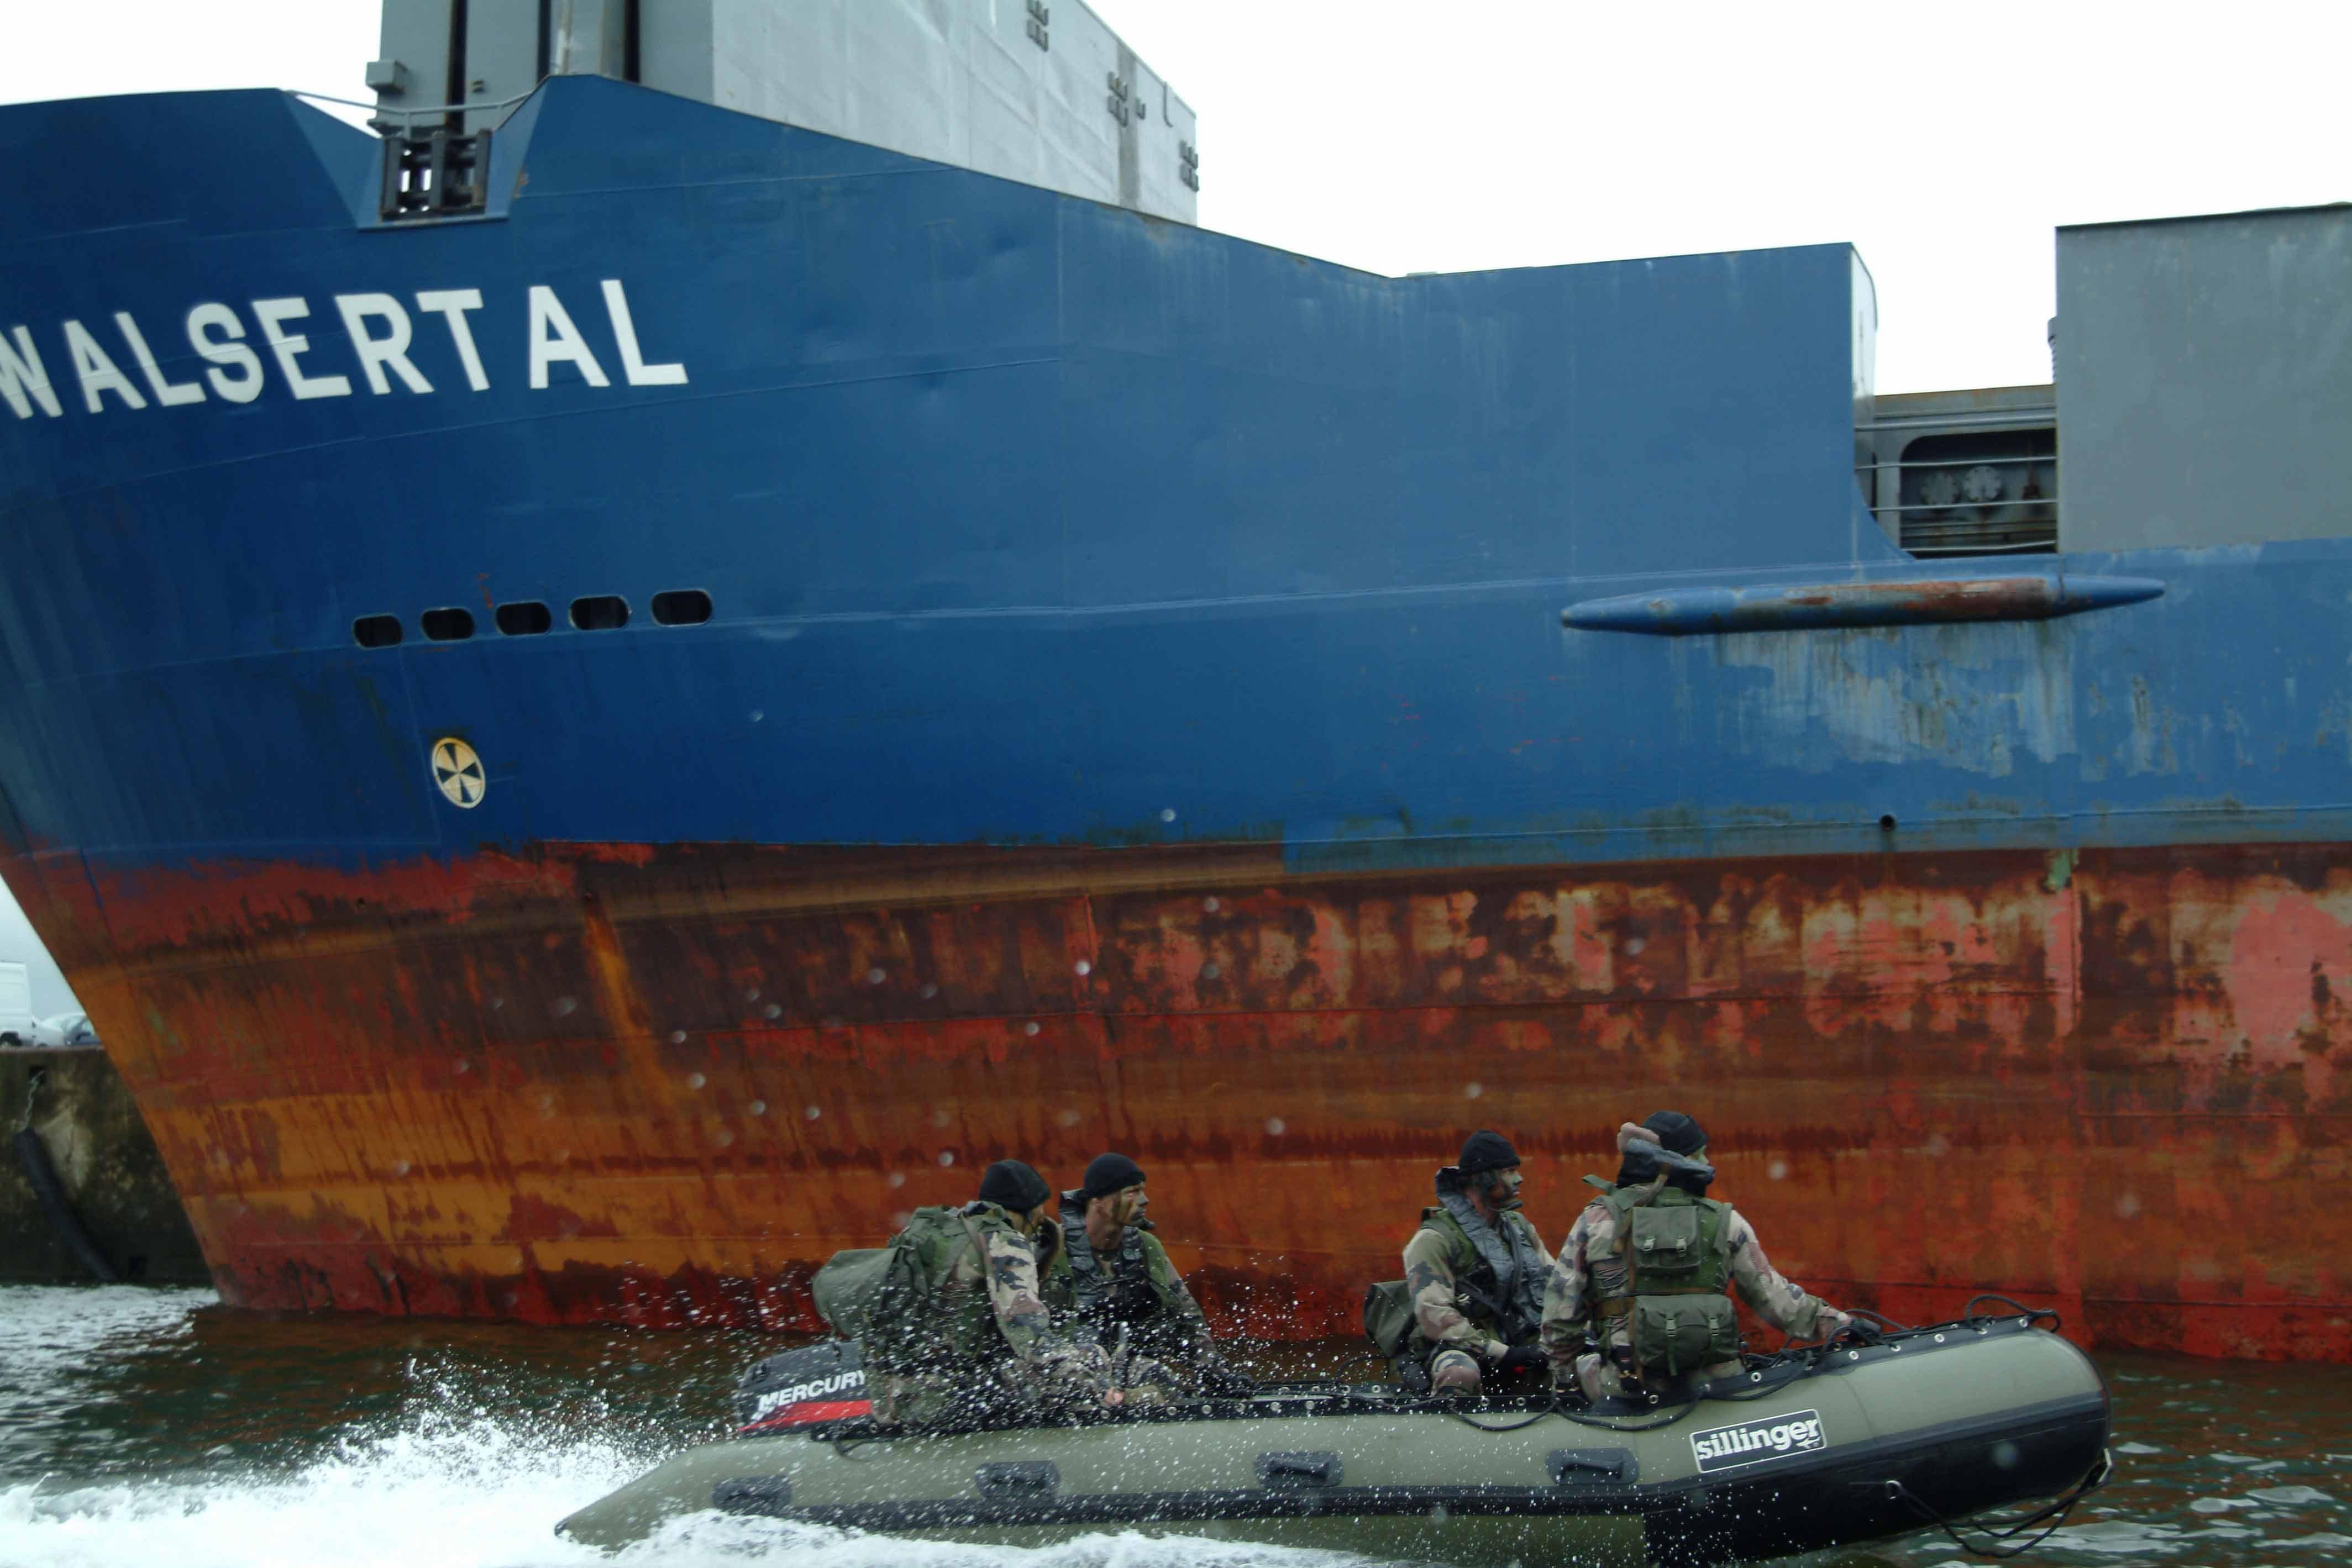 Des bateaux multi-mission sont adaptés à des missions commandos d'infiltration/exfiltration et de sauvetage.